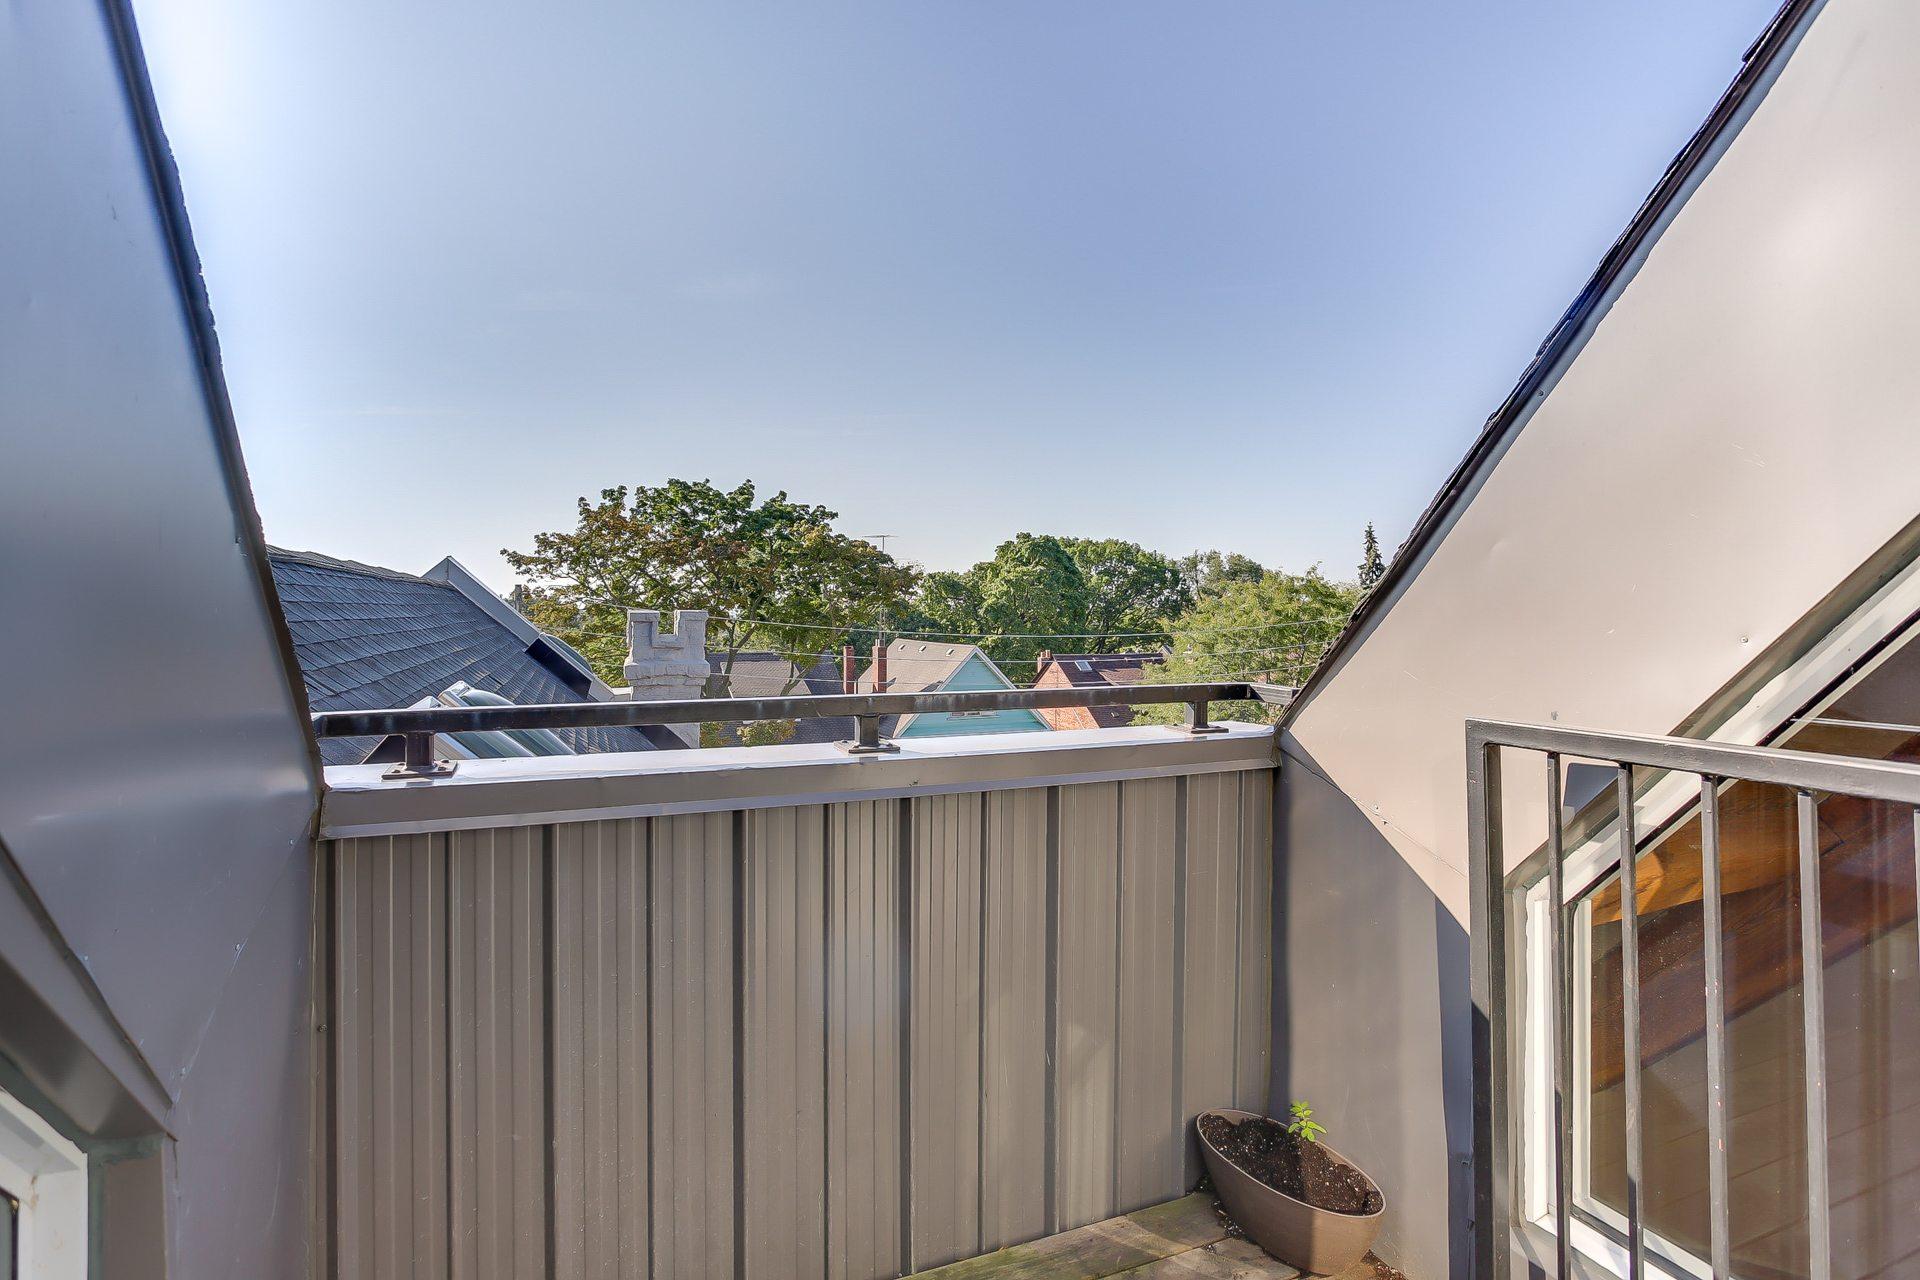 toronto-condo-for-rent-384-sunnyside-avenue-7